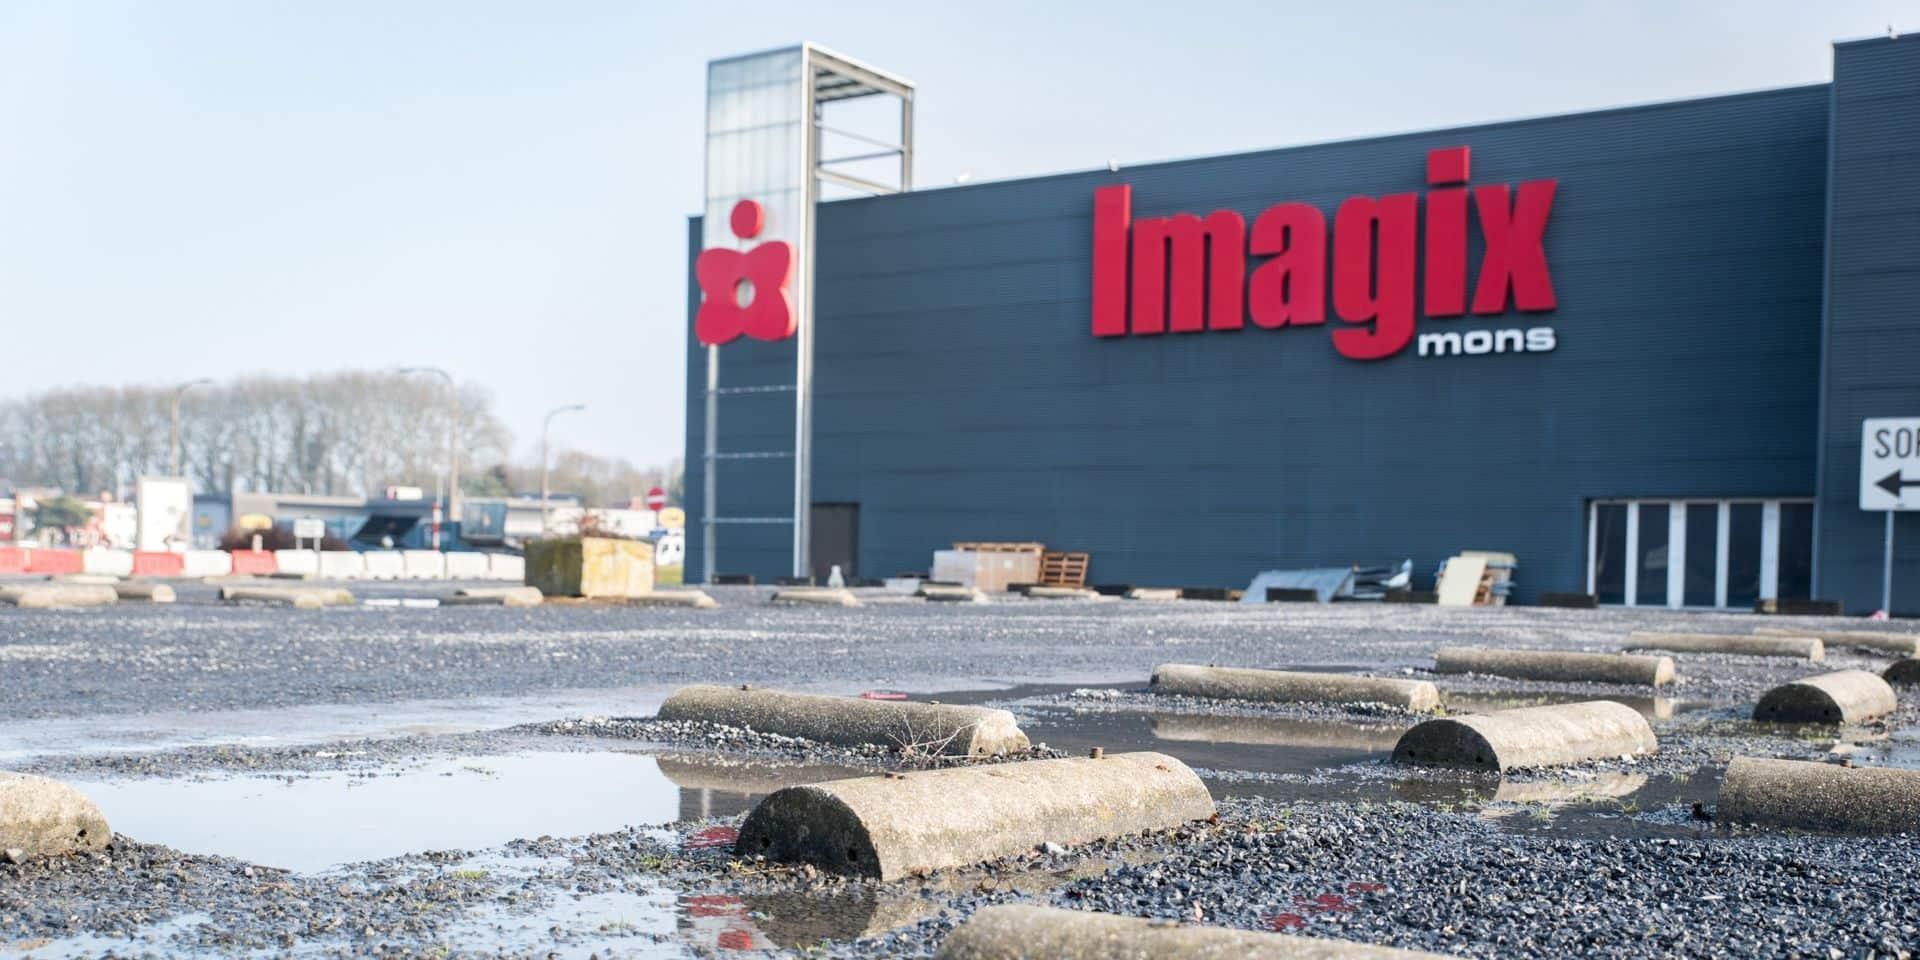 Mons: Imagix offre des places de cinéma pour le personnel soignant